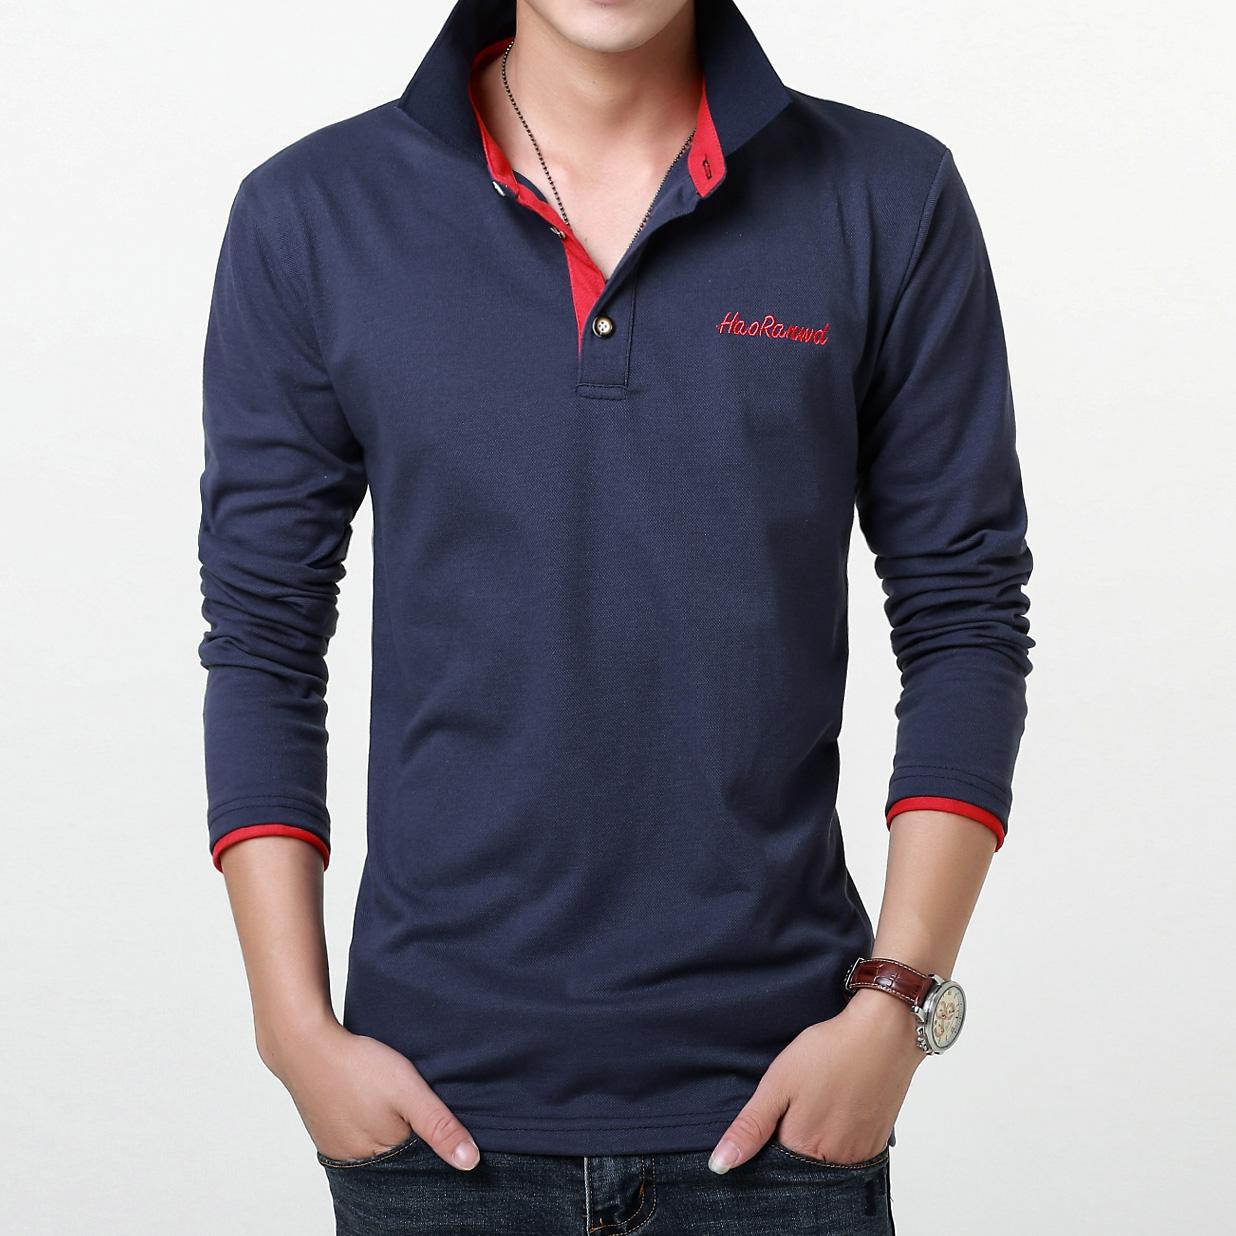 [해외]2016 패션 수 놓은 로고 남성 폴로 셔츠 브랜드 23 색상 캐주얼 폴로 긴 Retail 셔츠 남자 크기 3xl/2016 Fashion Embroidered Logo Mens Polo Shirts Brands 23 Colors Casual Polo Long S